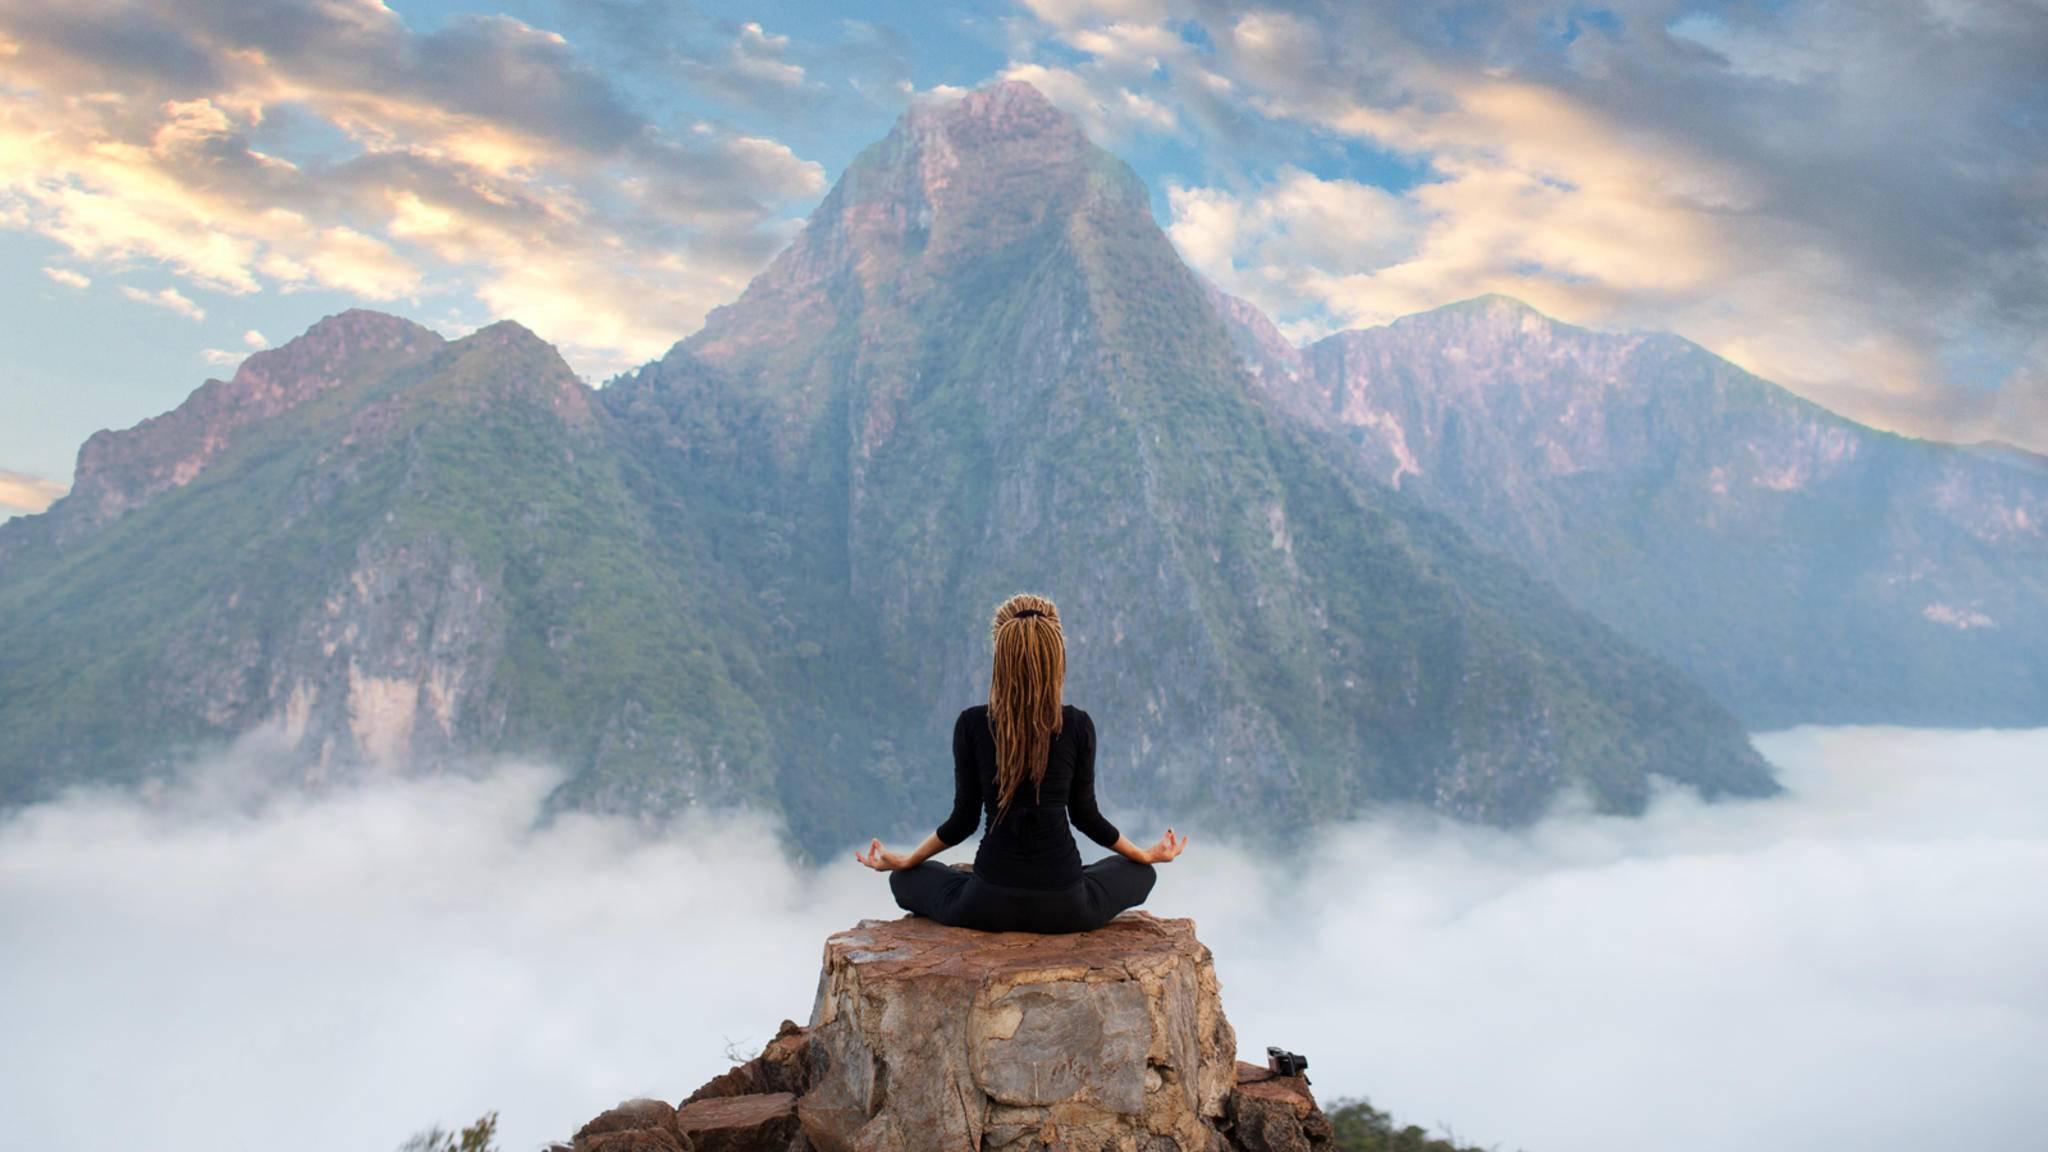 Meditation-Glebstock-AdobeStock